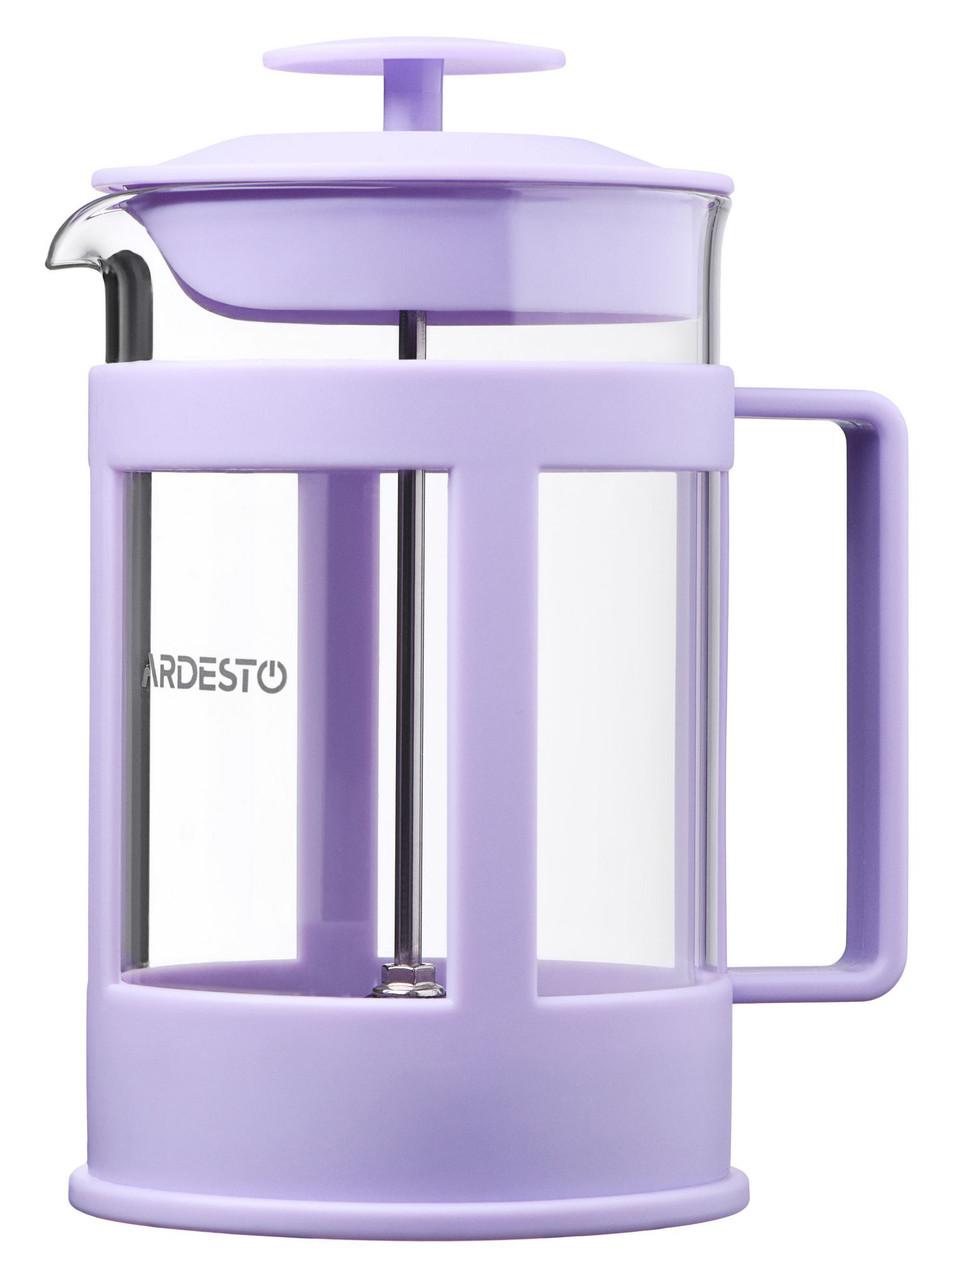 Заварник Ardesto Fresh 800 мл Пластик/ Скло Ліловий (AR1008LF)